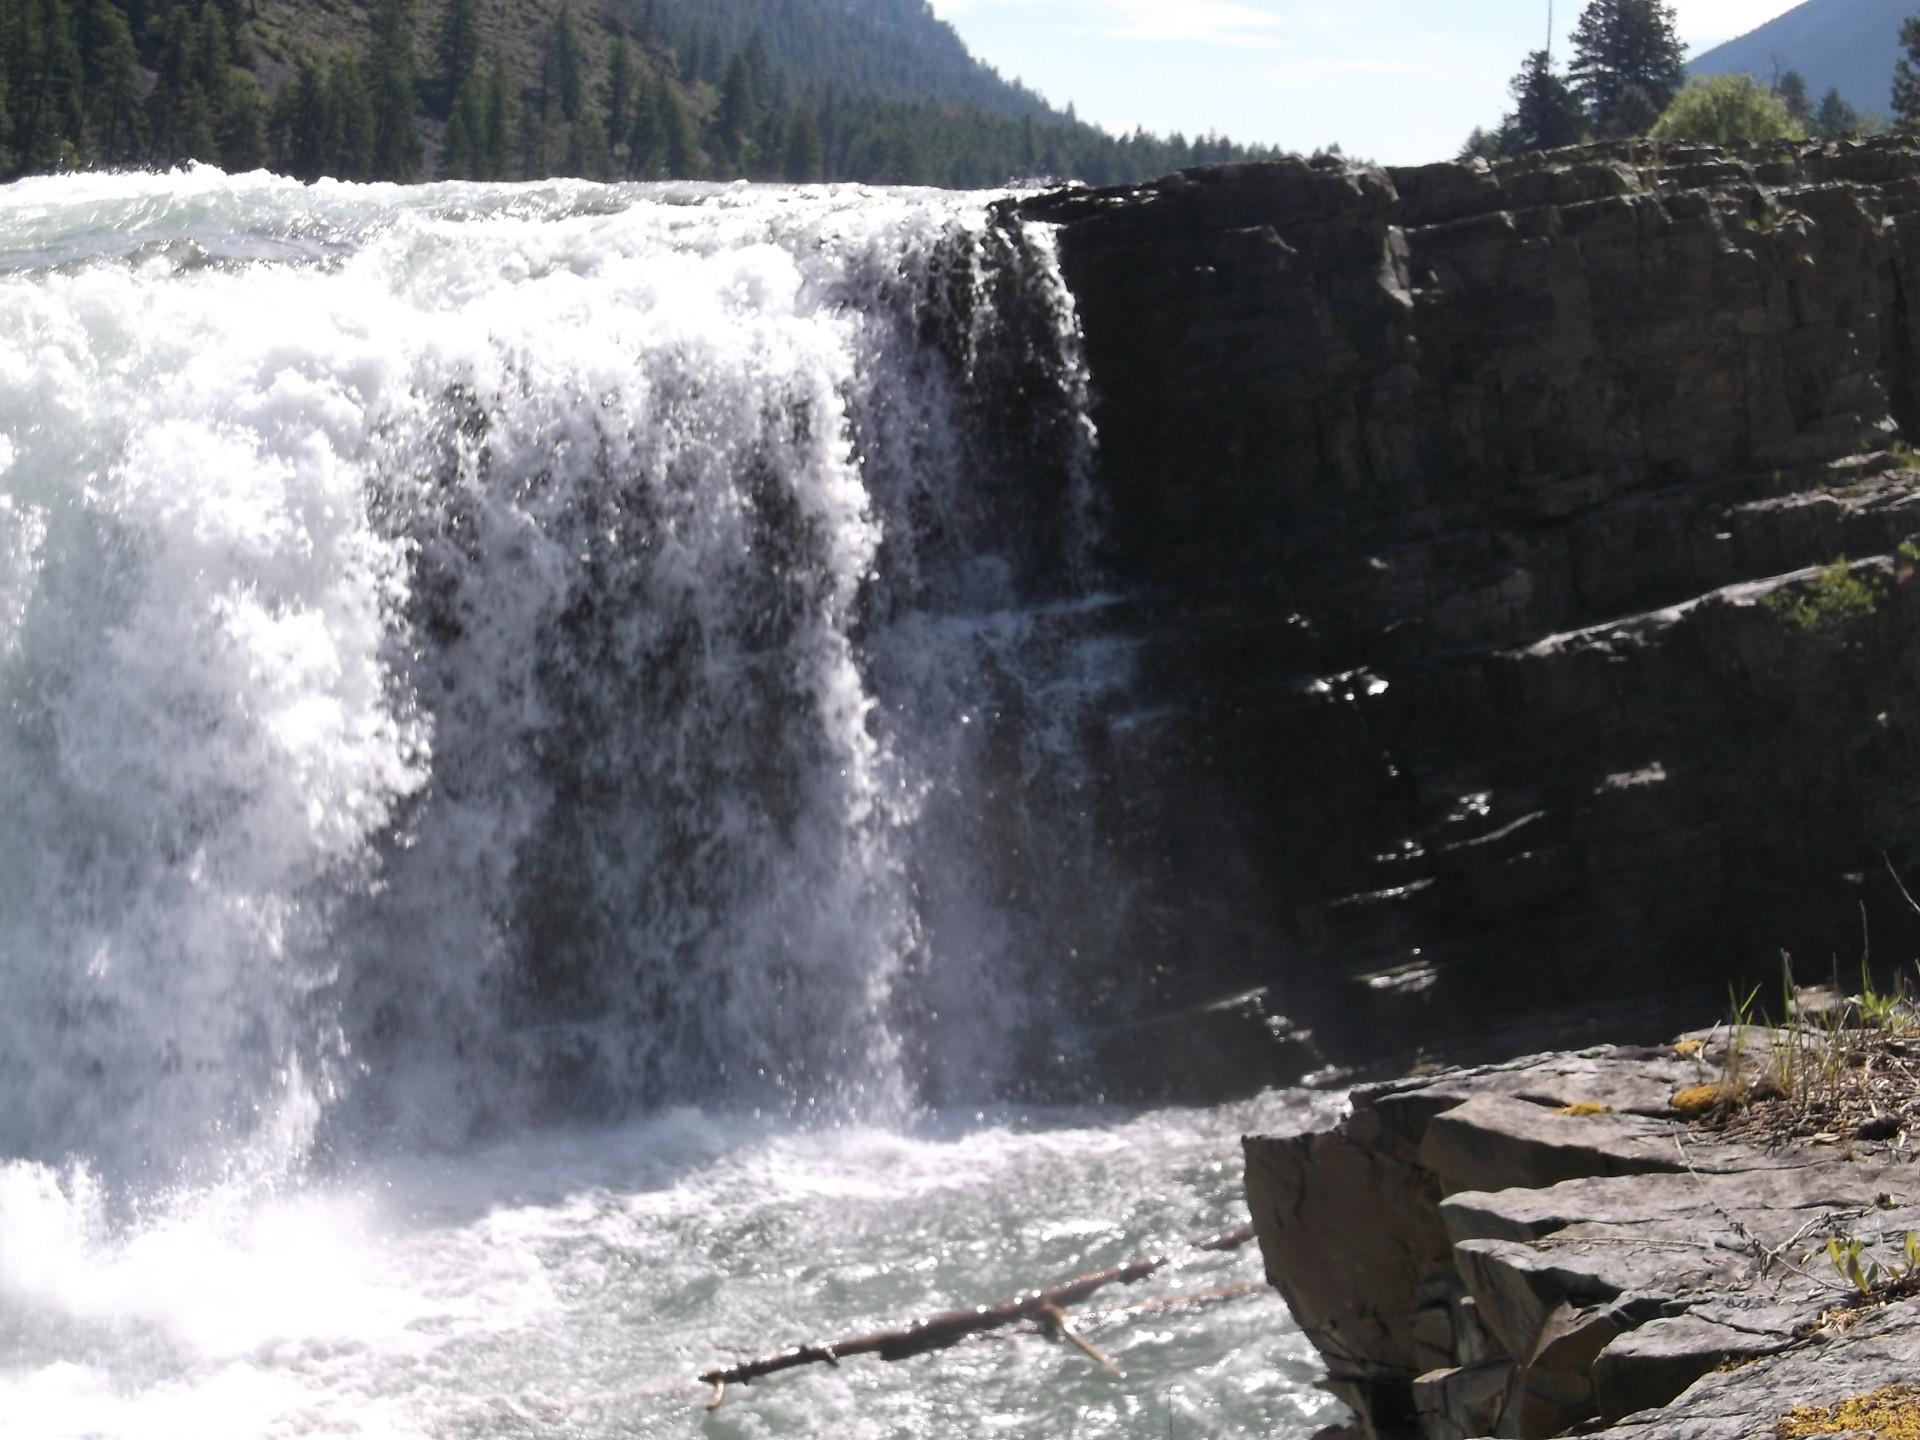 Kootenai Falls, Montana, Freedom, Nature, Love, Truth